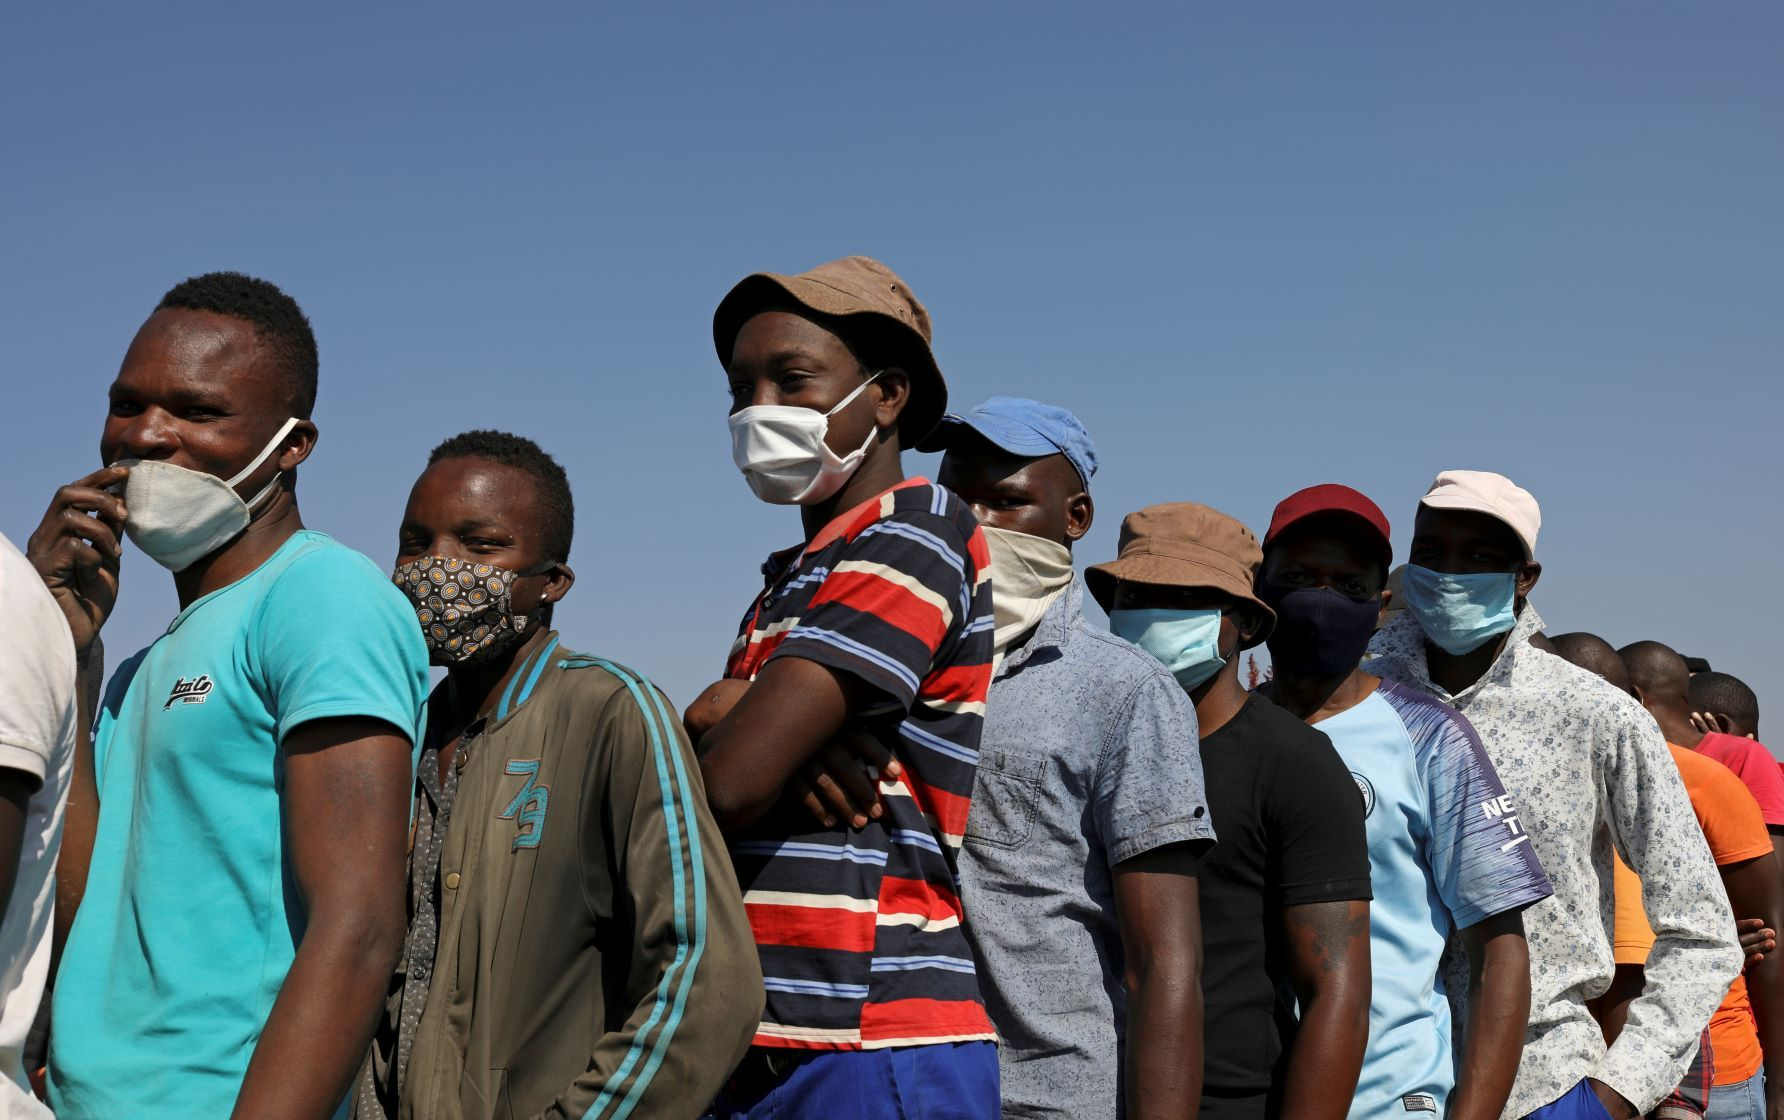 ارتفاع عدد الإصابات بفيروس كورونا في قارة أفريقيا إلى 103 آلاف